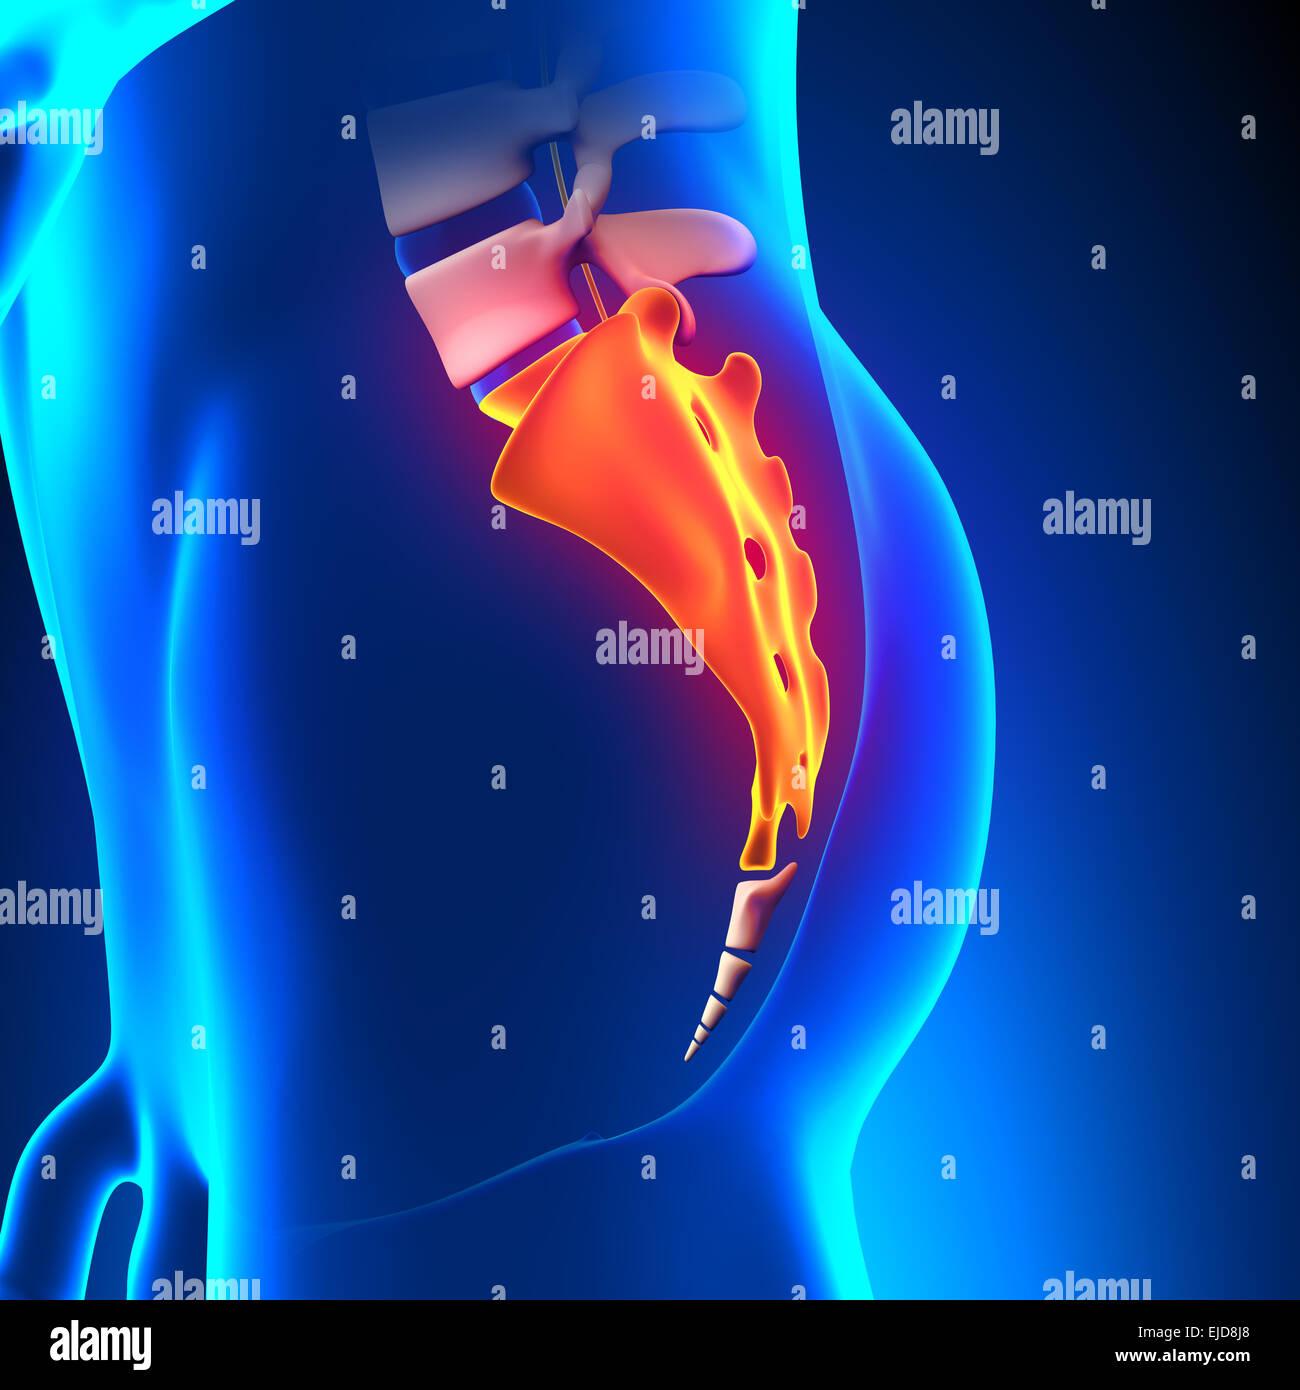 Kreuzbein Knochen Anatomie Schmerz Stockfoto, Bild: 80197440 - Alamy